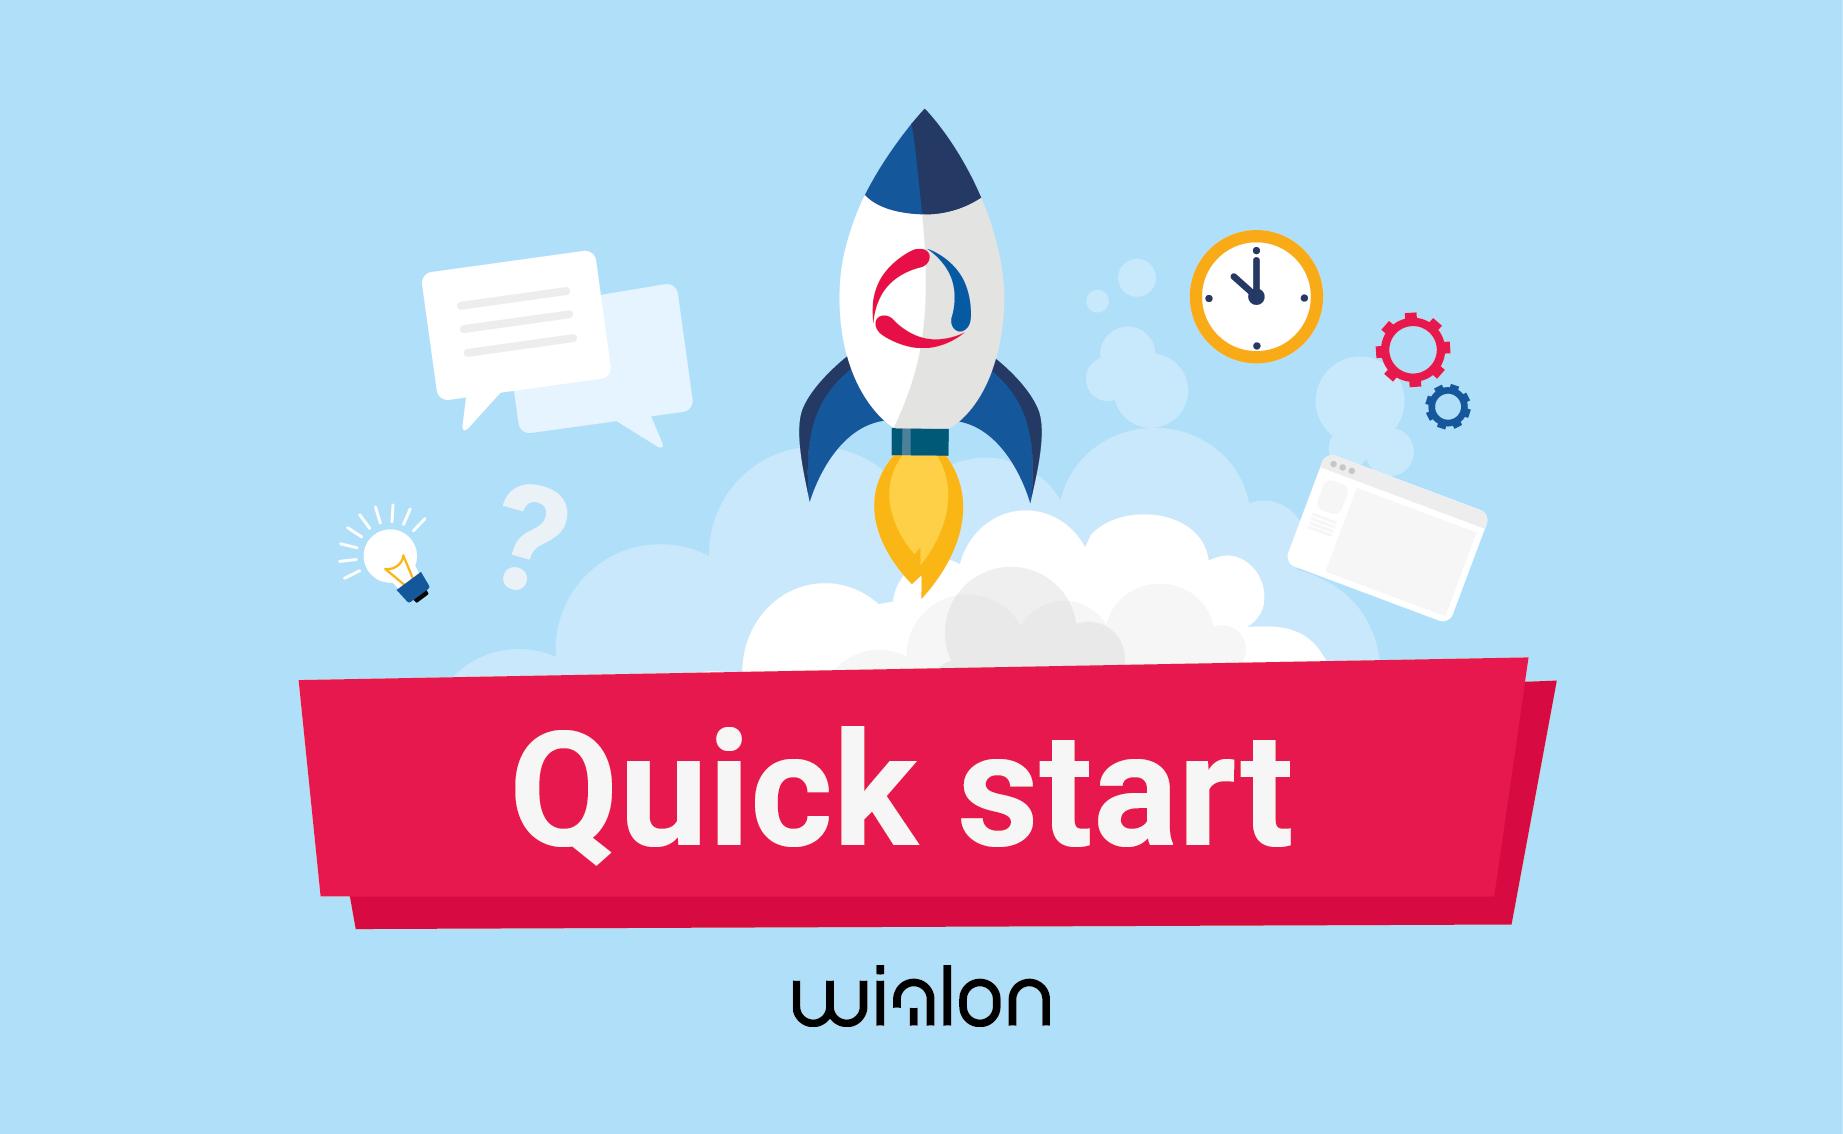 Quick_start-en